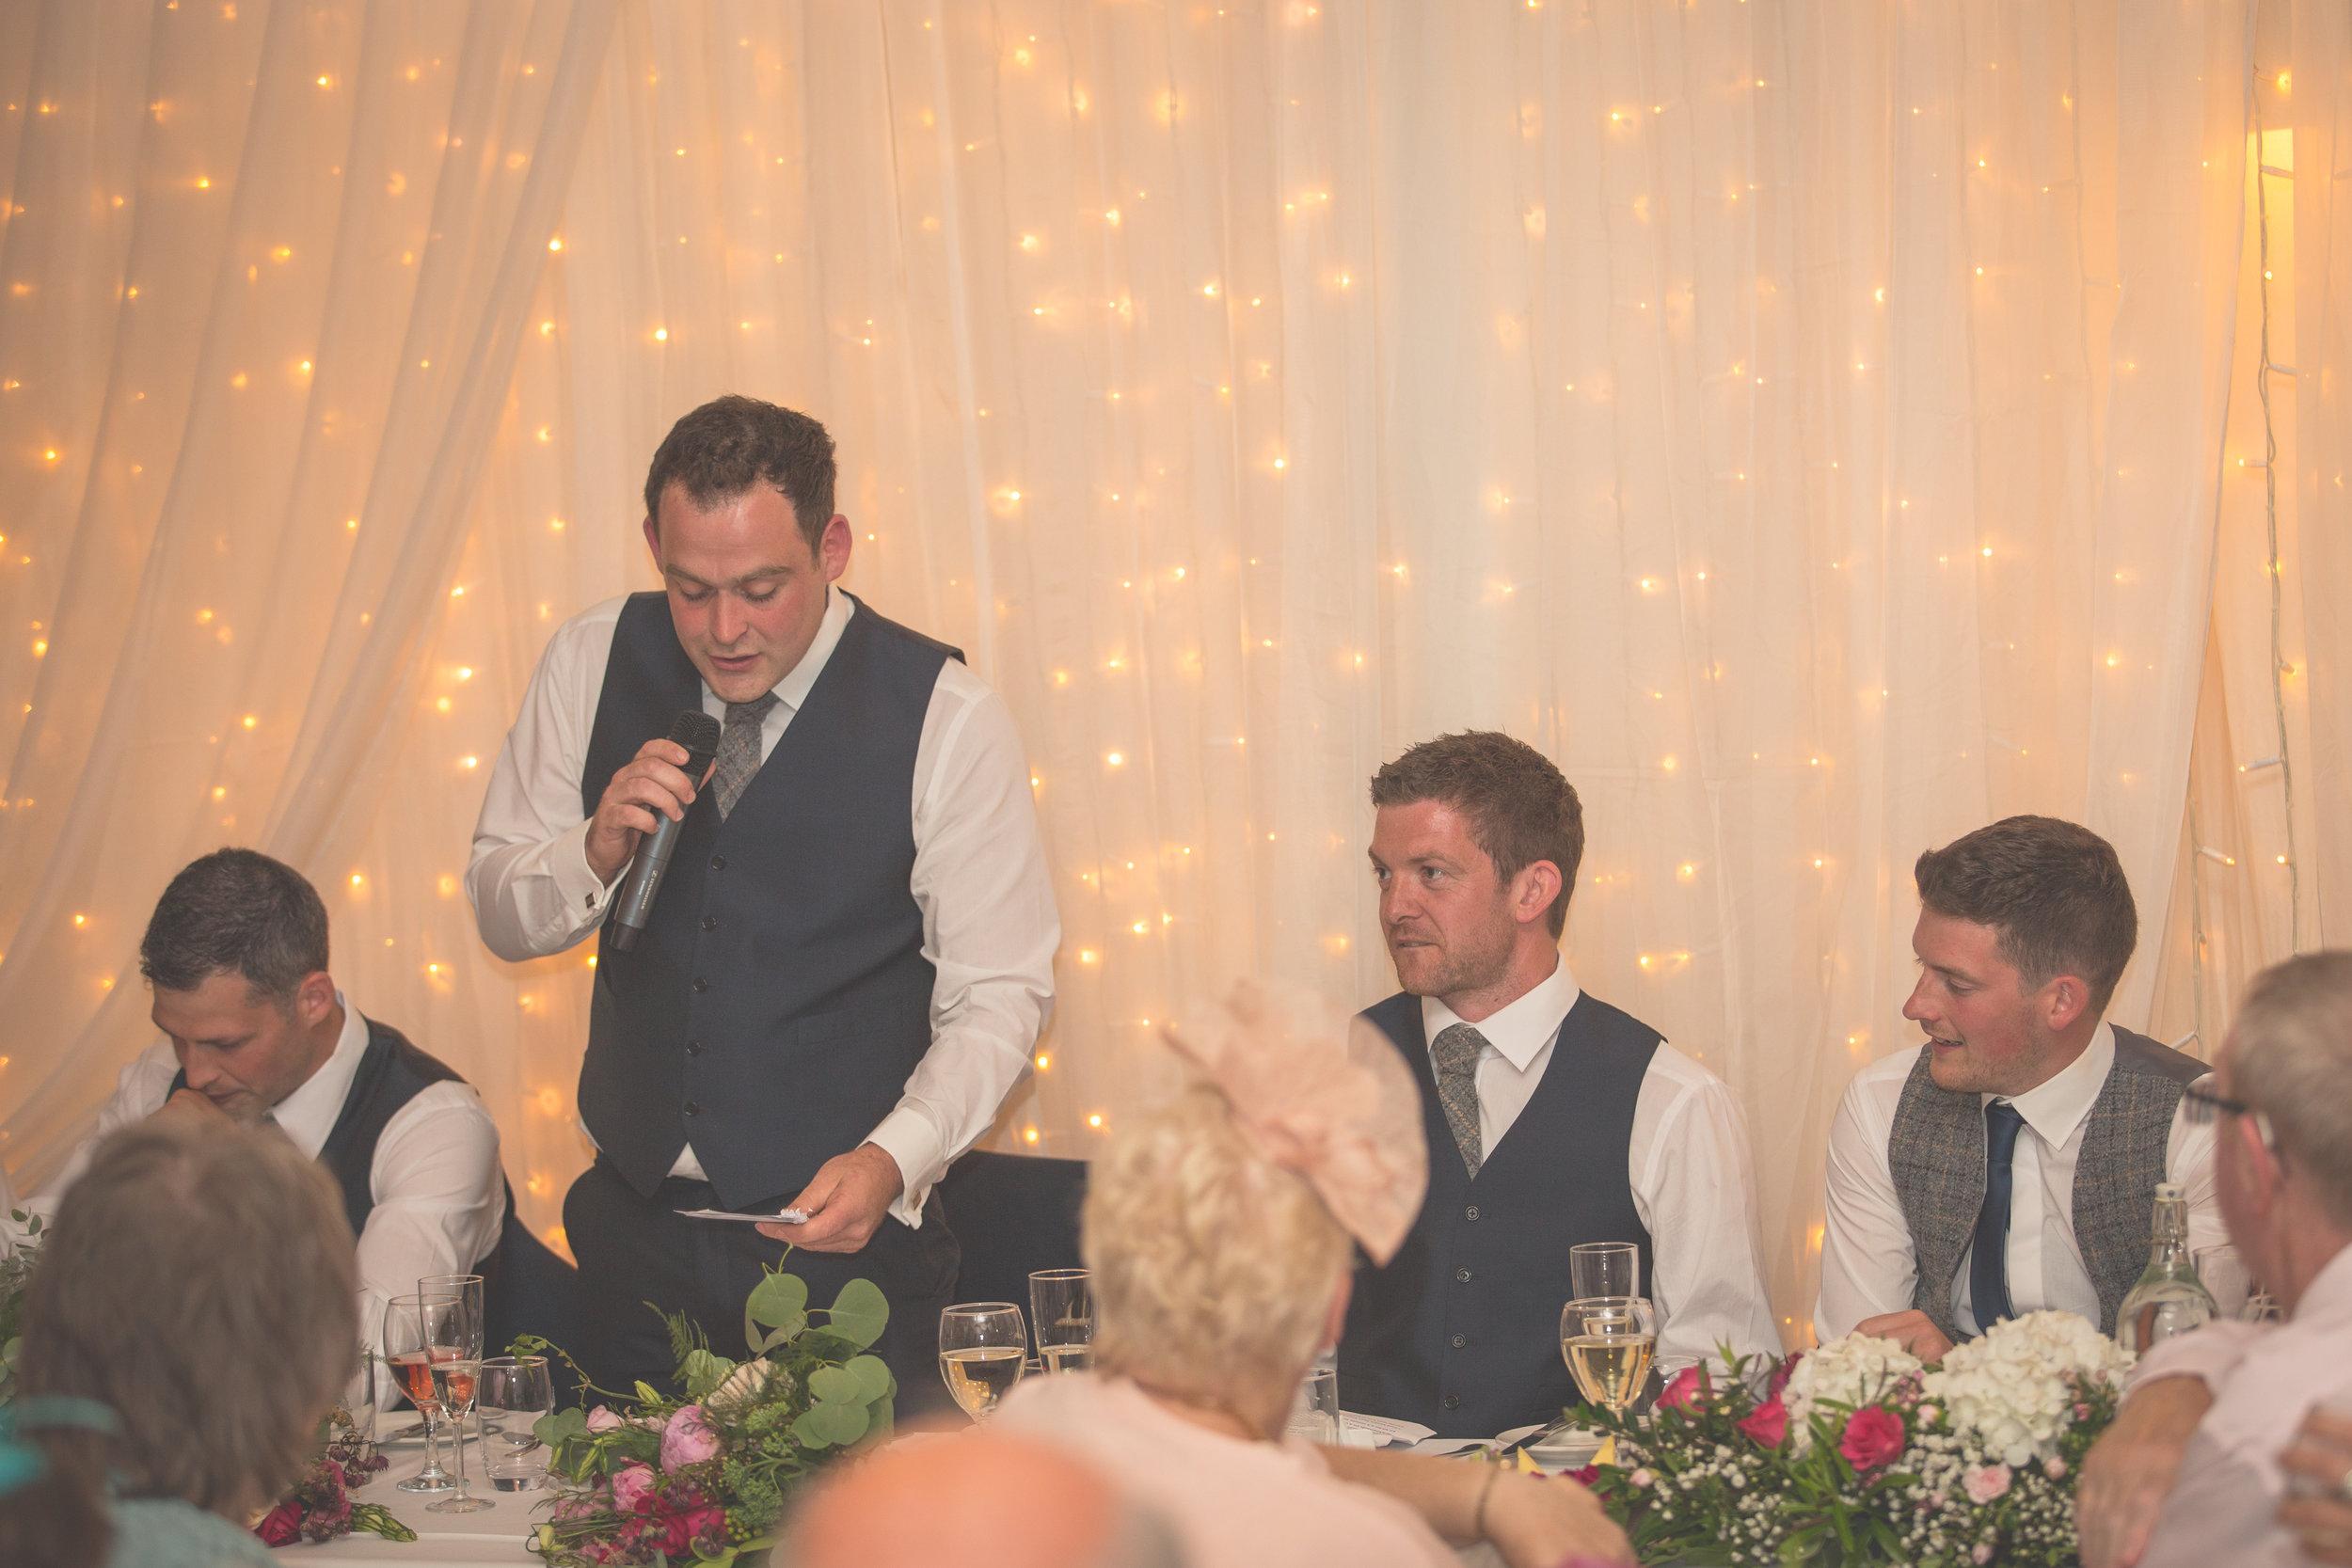 Brian McEwan Wedding Photography | Carol-Anne & Sean | The Speeches-94.jpg